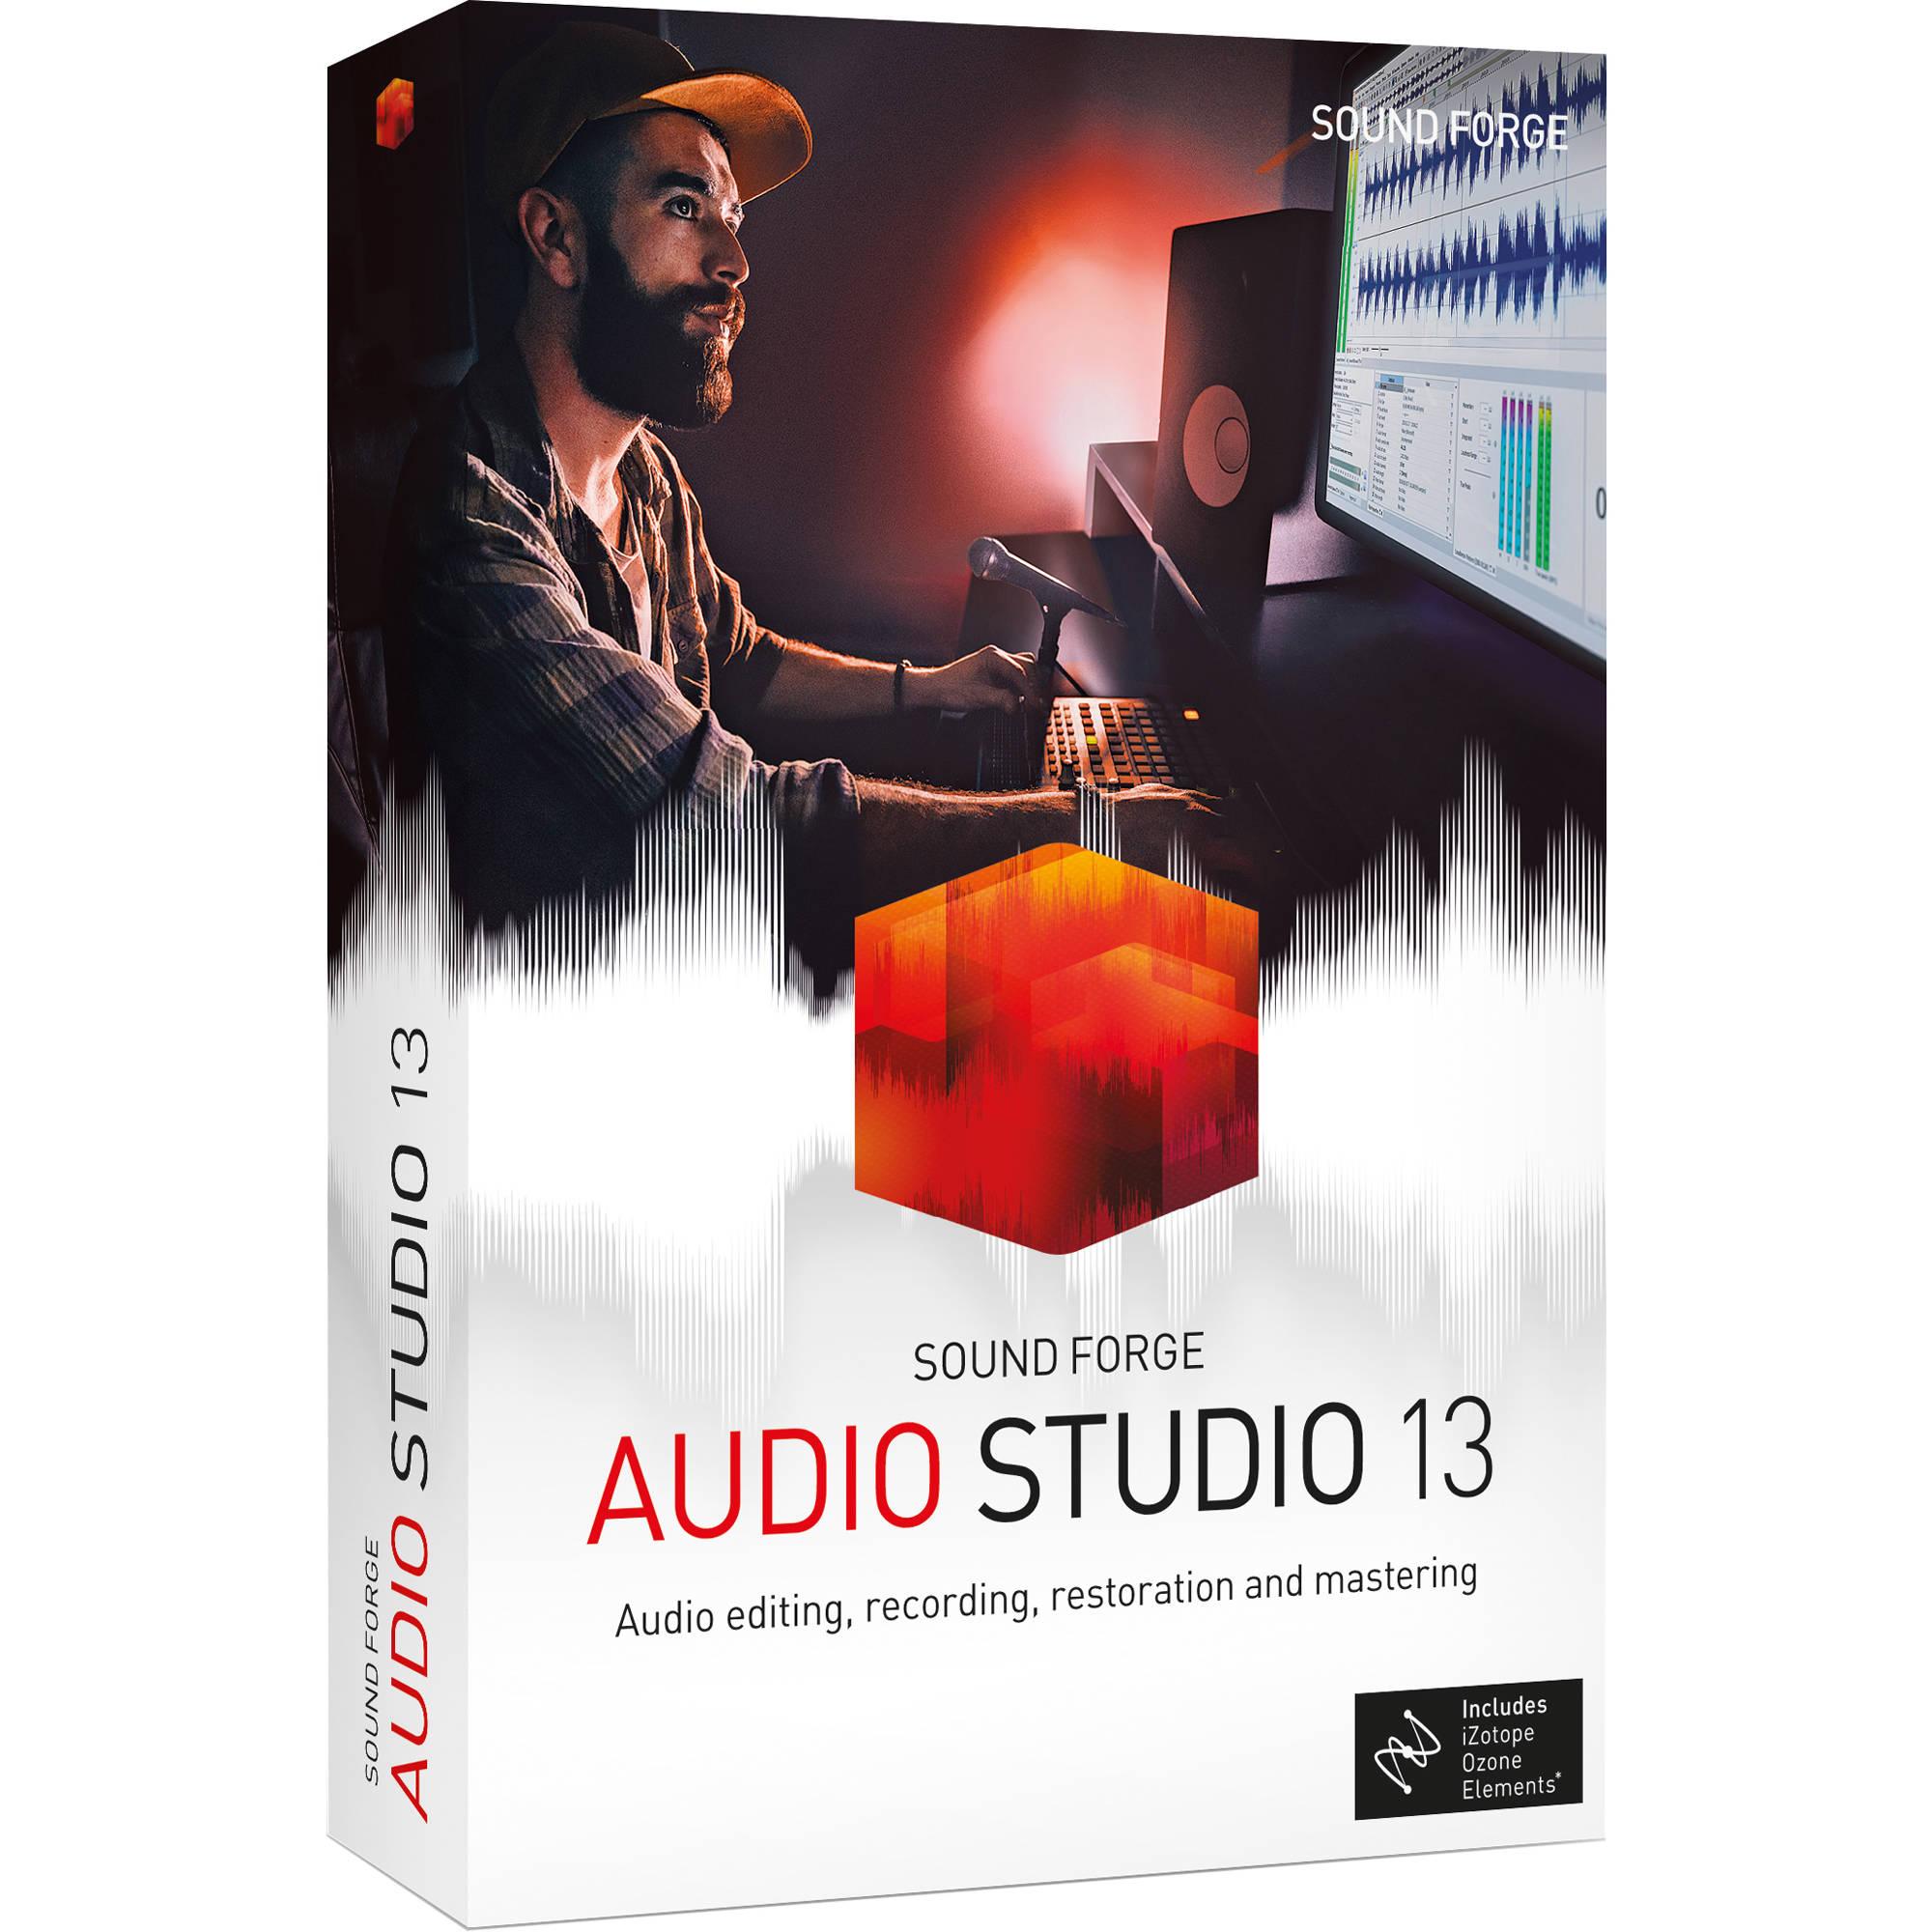 Magix entertainment sound forge audio studio 13 audio.